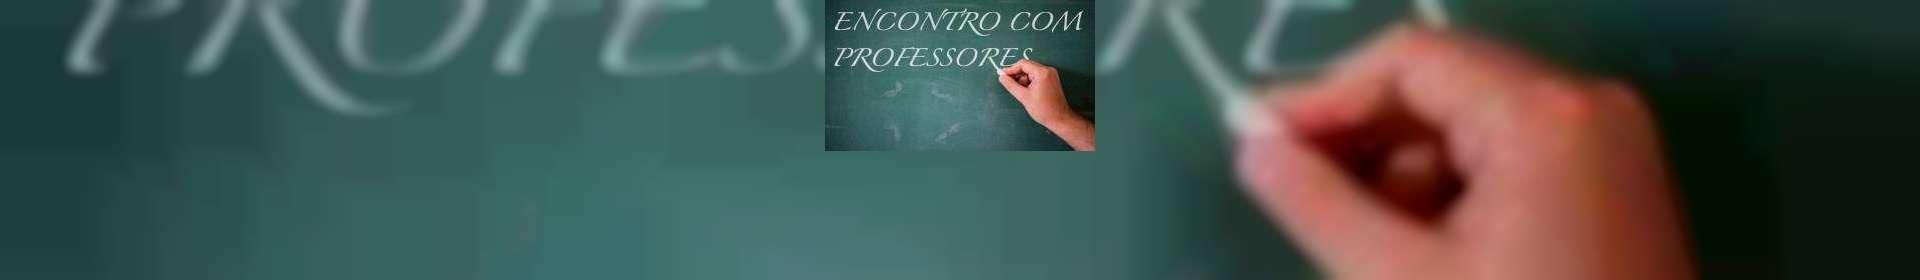 Santo e profano - Encontro com Professores